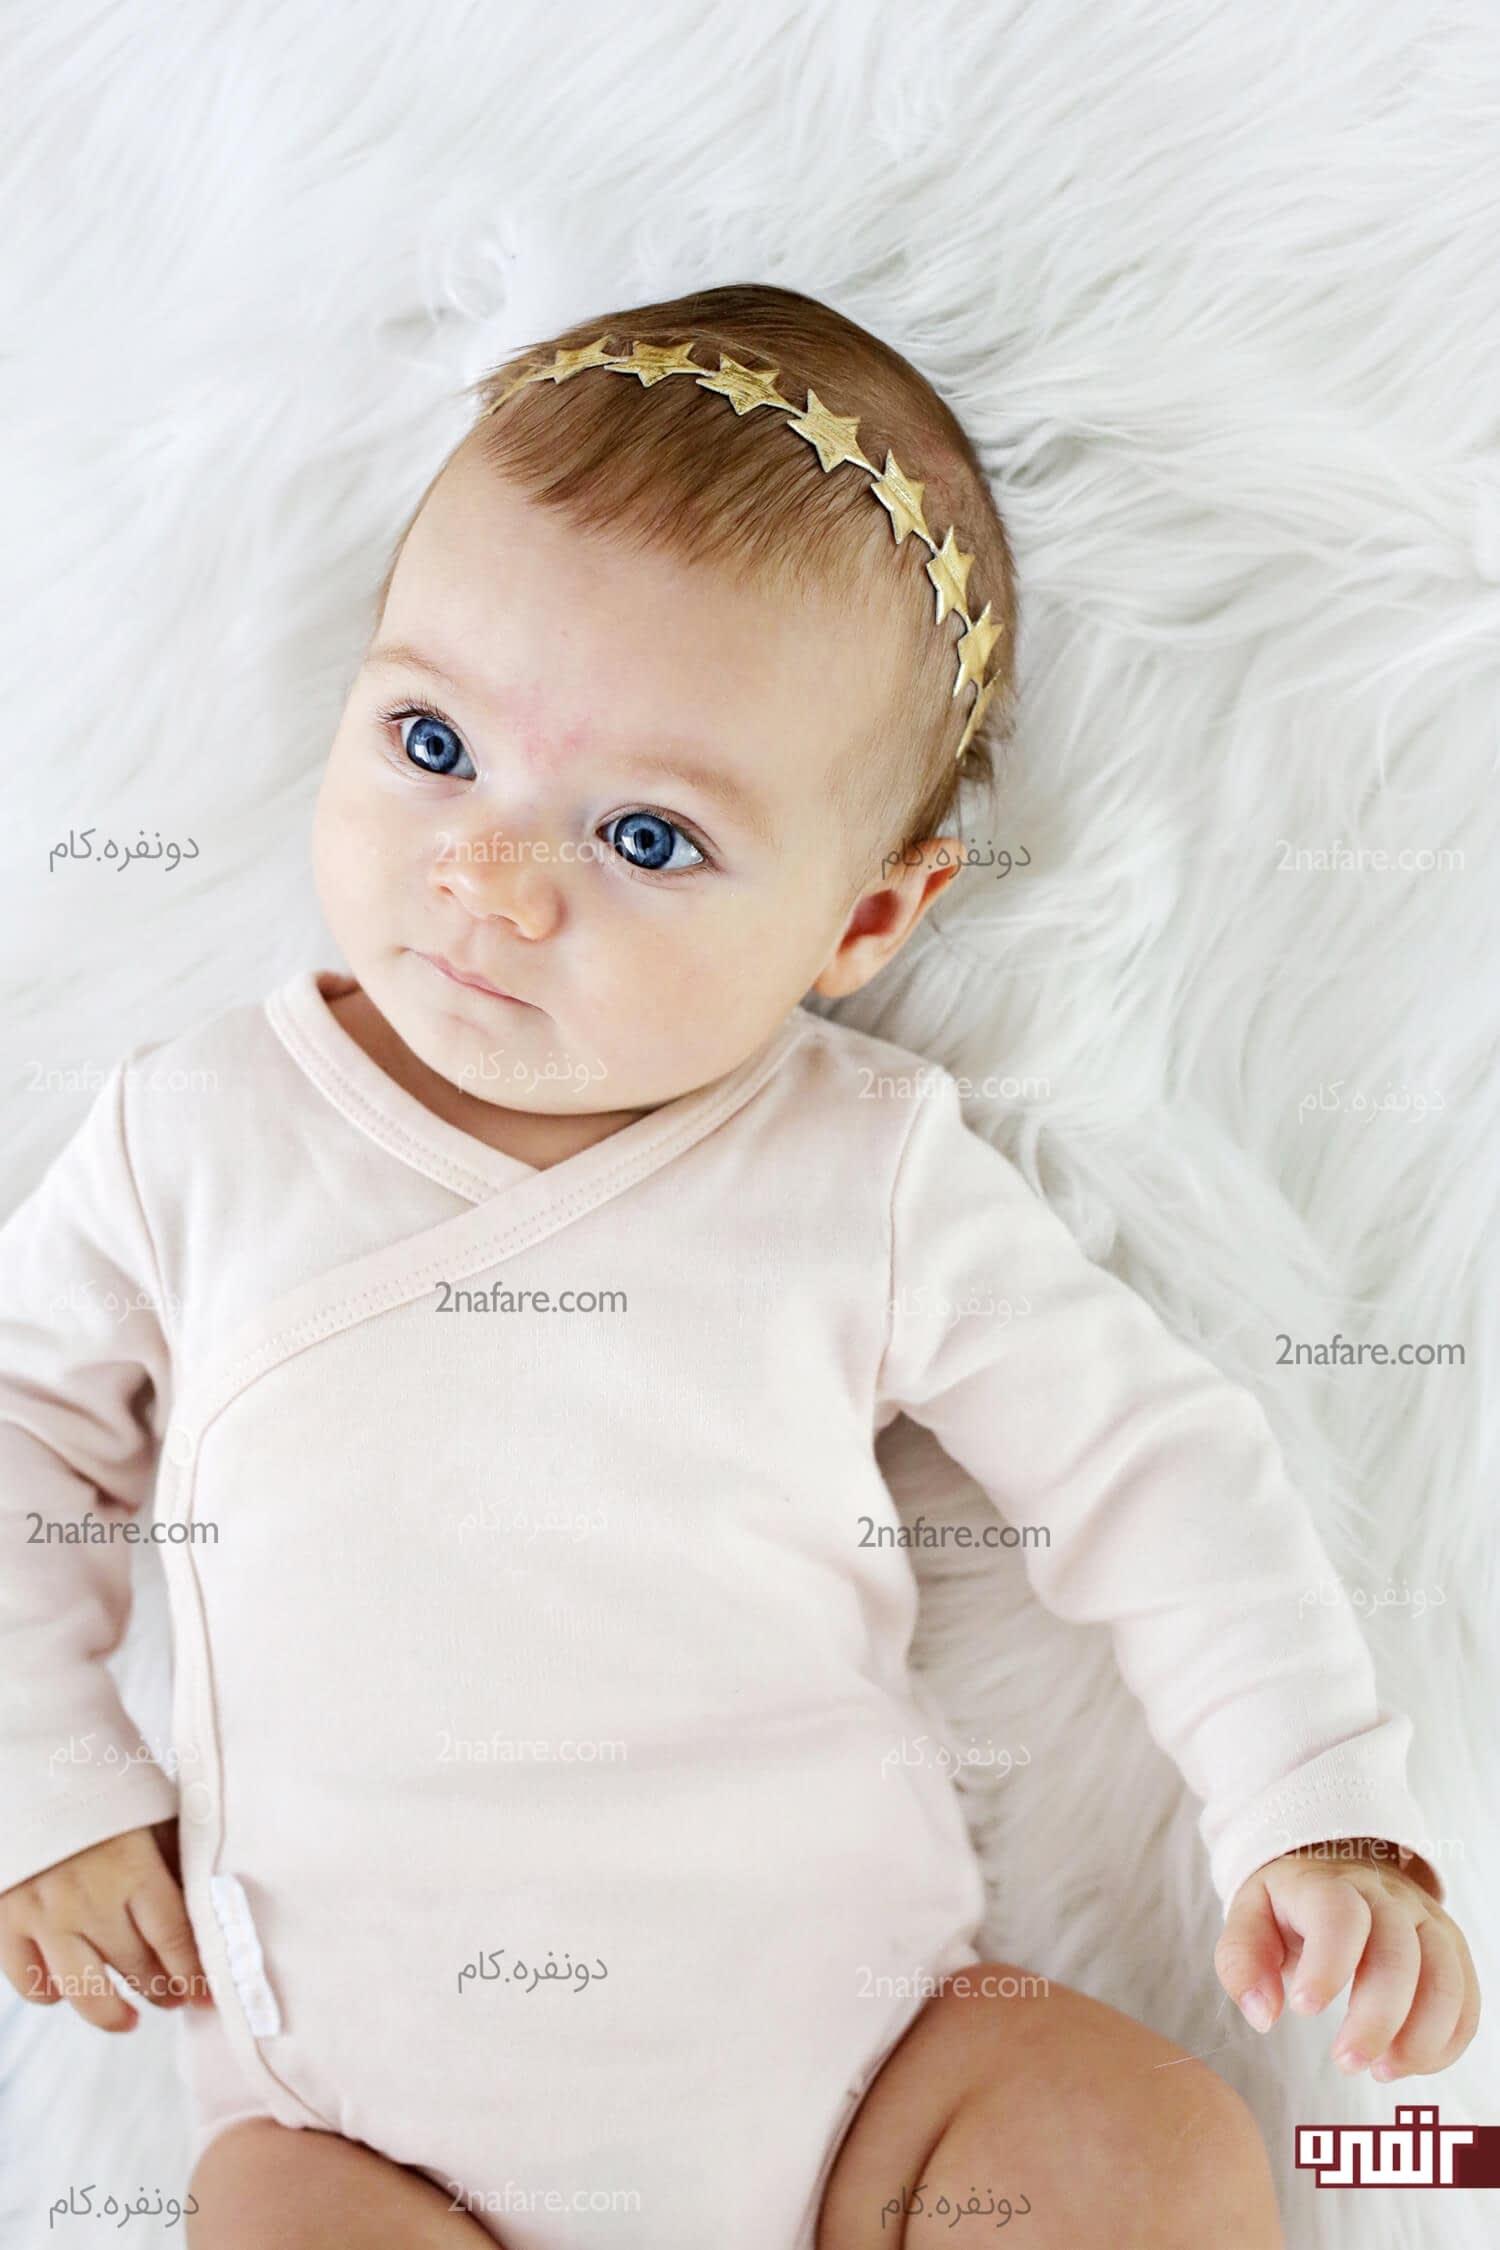 متن روی کادو آموزش ساخت سه نوع هدبند نوزادی زیبا و شیک • دونفره